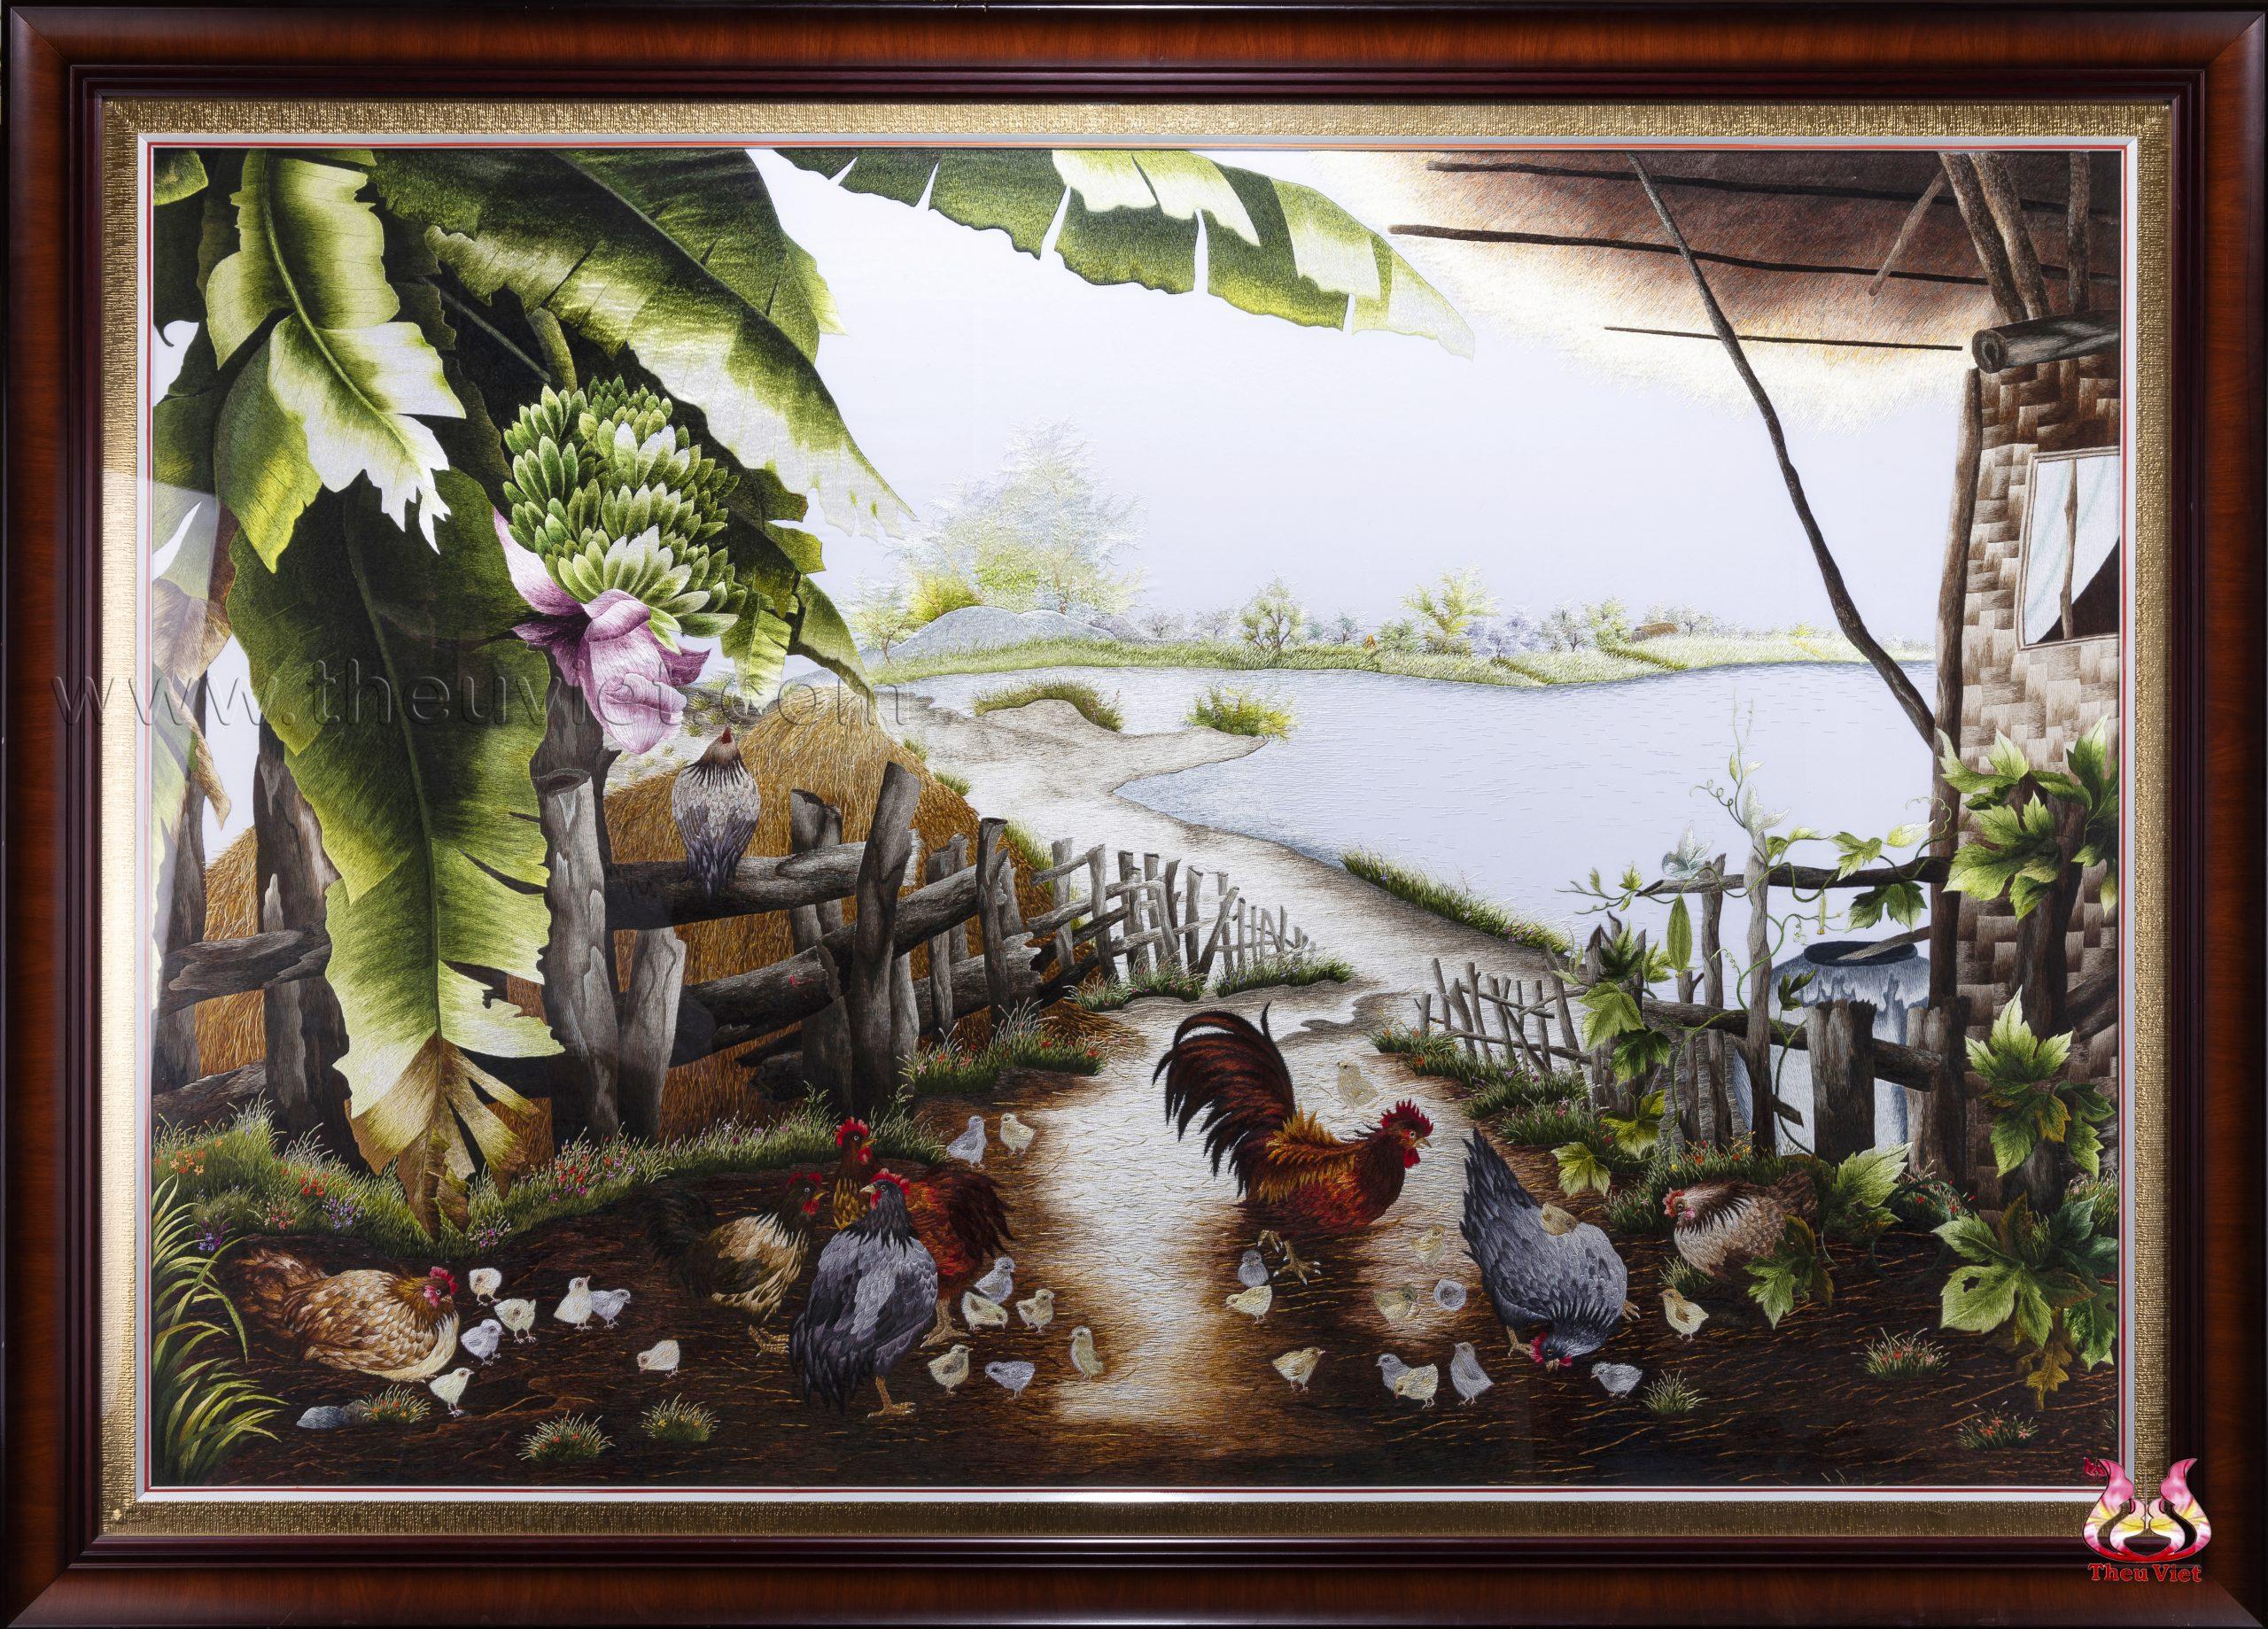 Tranh thêu phong cảnh làng quê Việt Nam ý nghĩa trong năm 2020 11